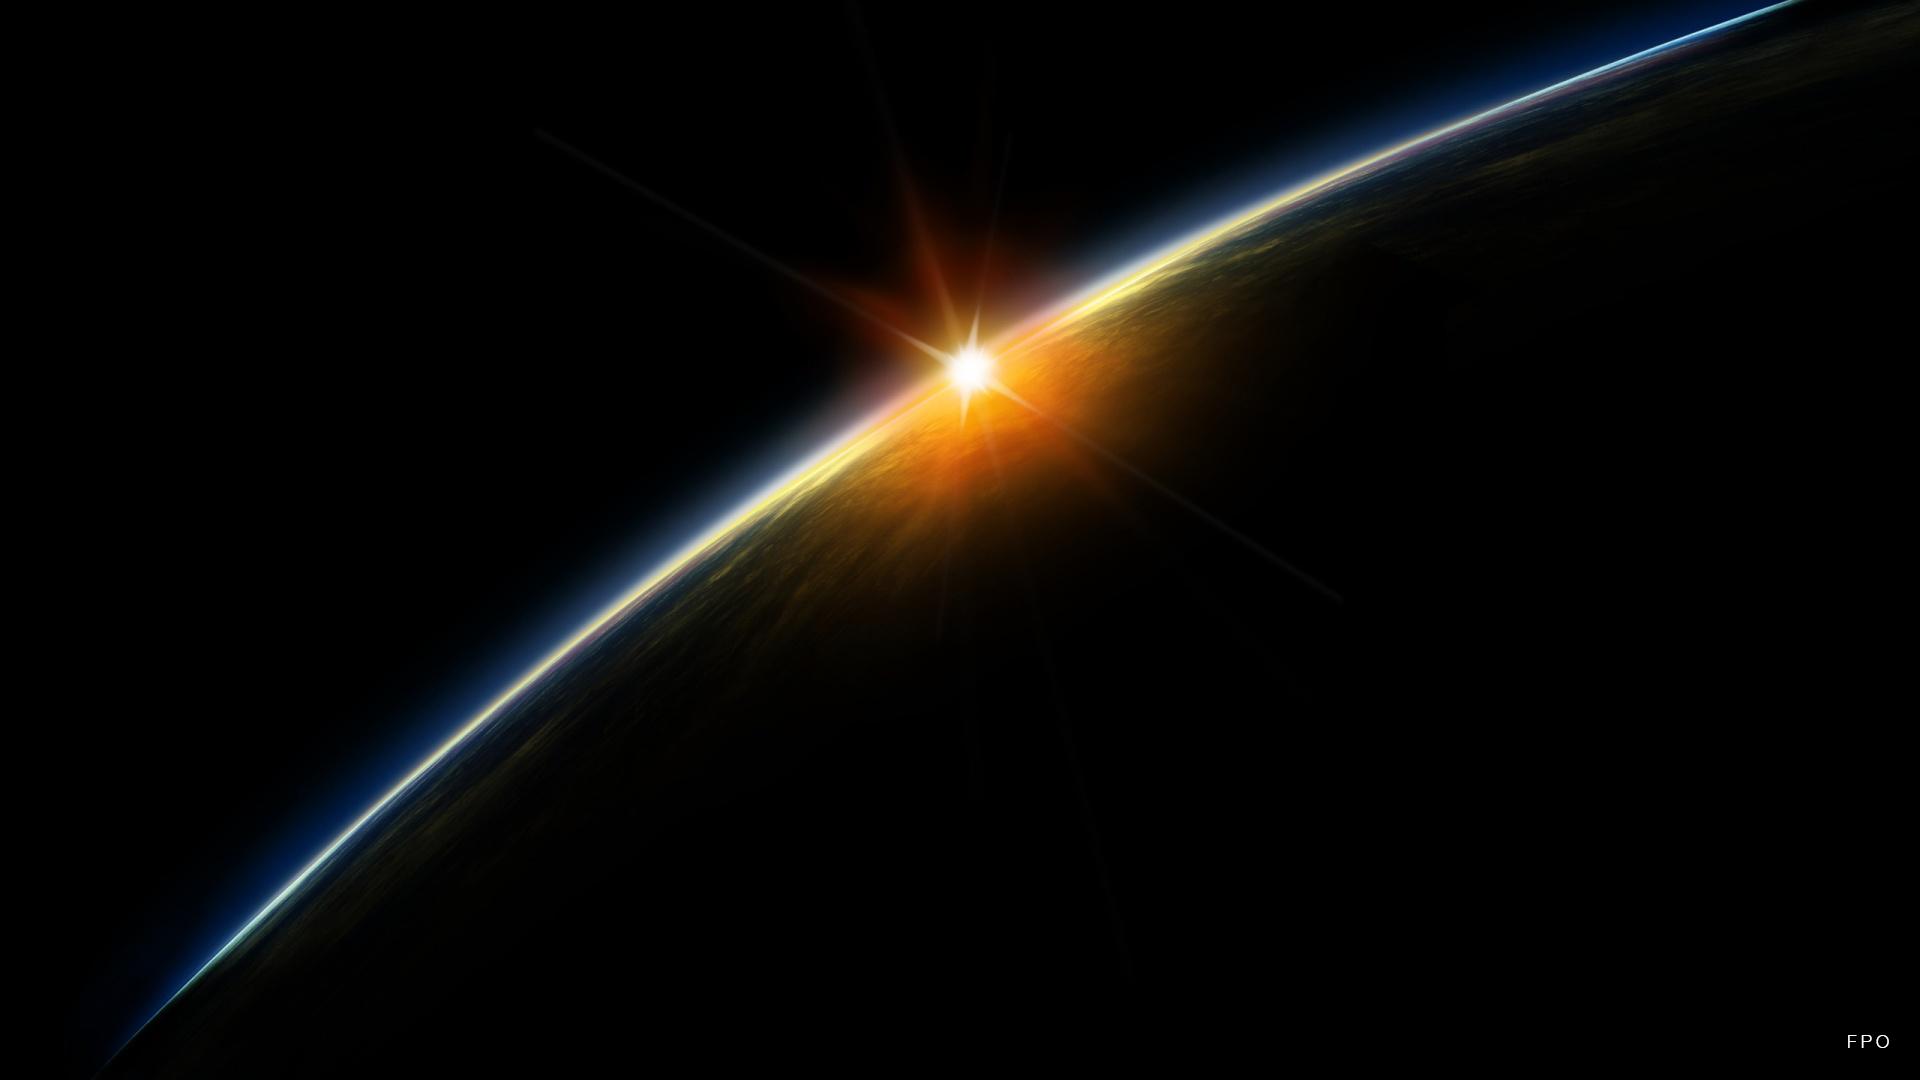 ws_sunrise_in_space_1920x1080